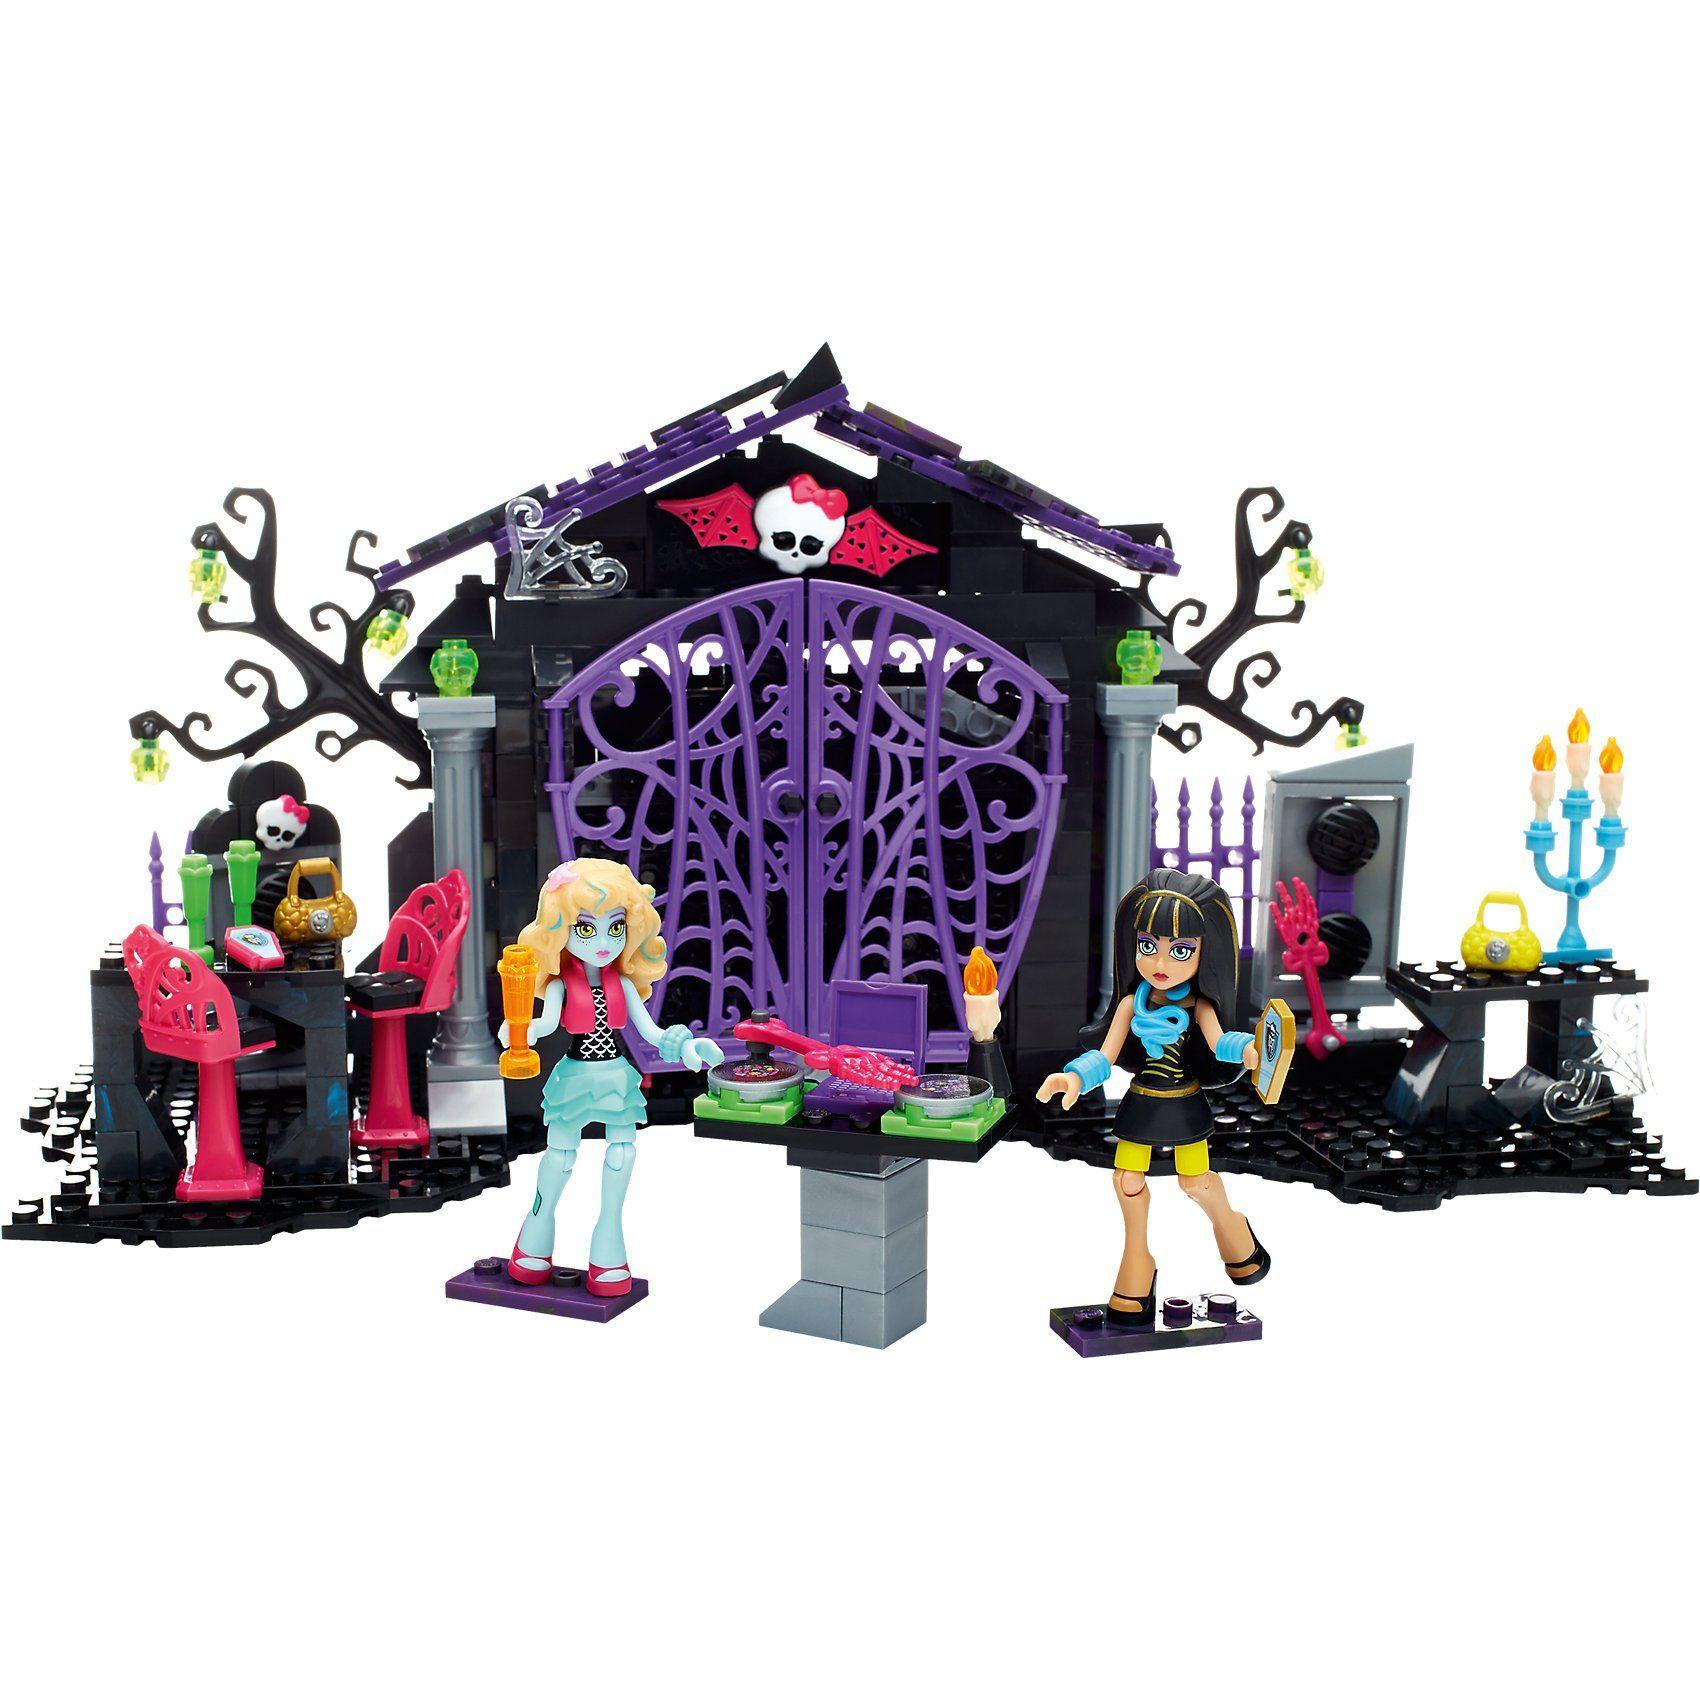 Mattel Mega Bloks Monster High - Friedhofstreff Set